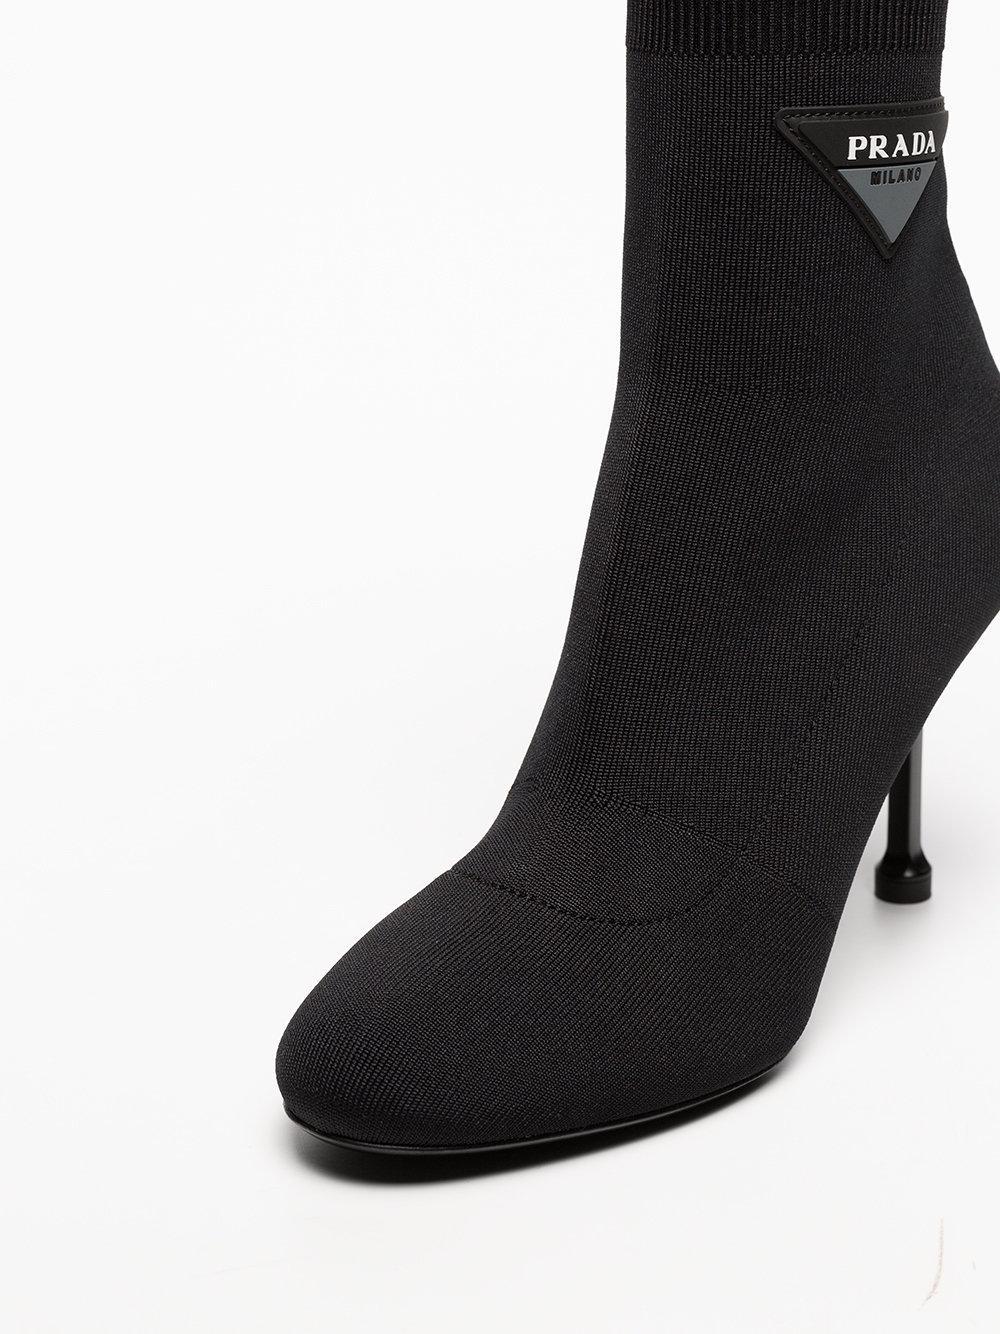 Pradalogo 90 sock booties Fourniture Gratuite D'expédition Acheter Pas Cher Combien Sortie D'usine Rabais Prix Particulier wDC6Wh0